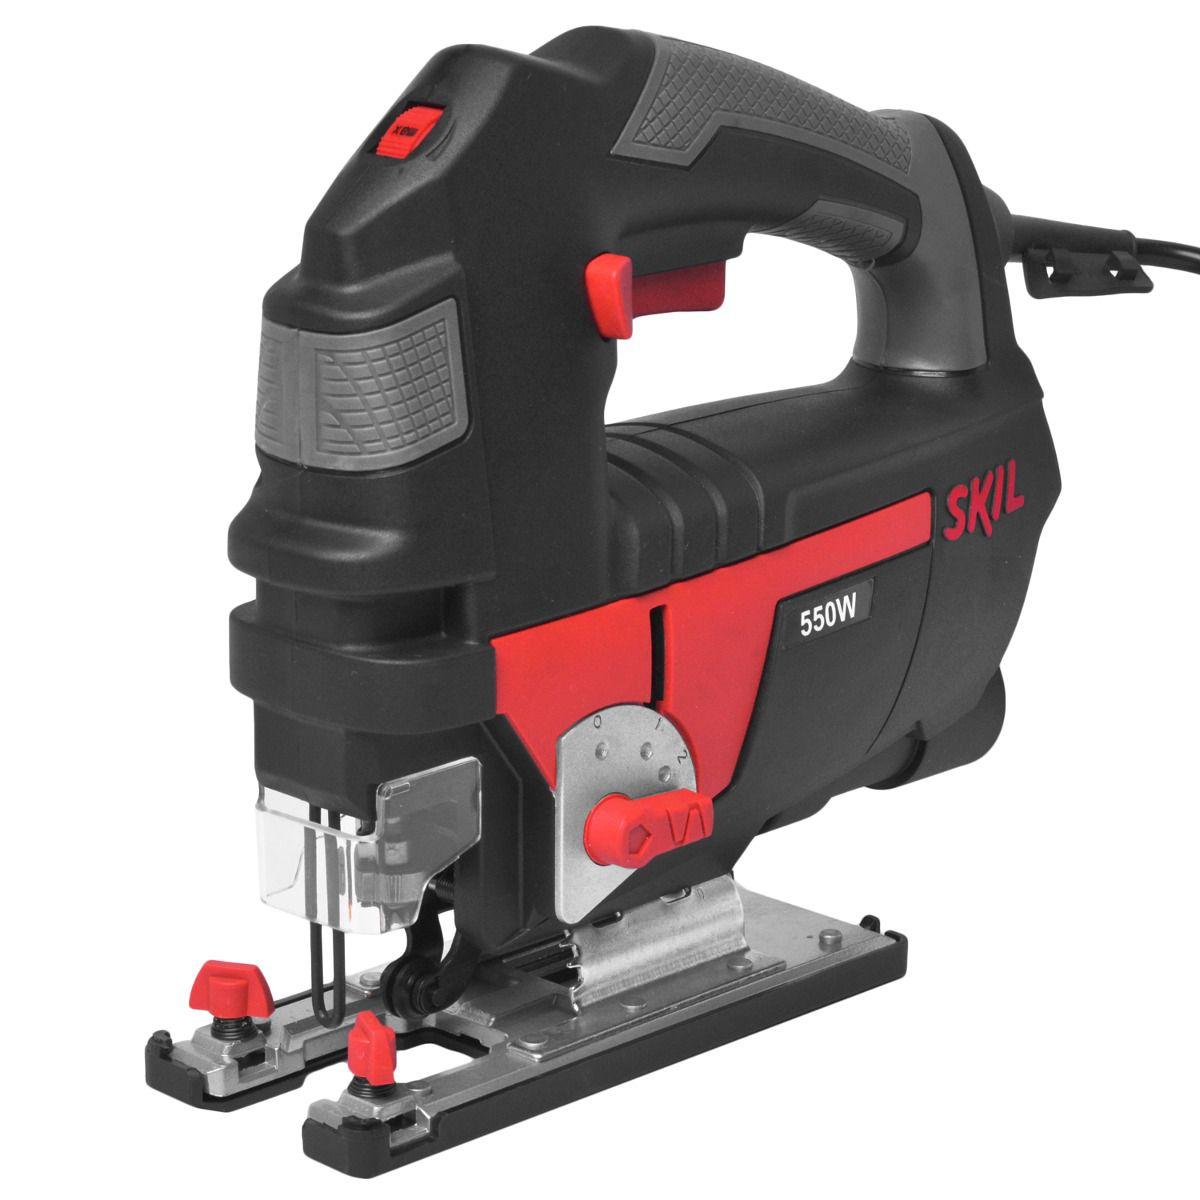 Serra Tico - Tico 550W 4550 220V c/ Maleta - SKIL